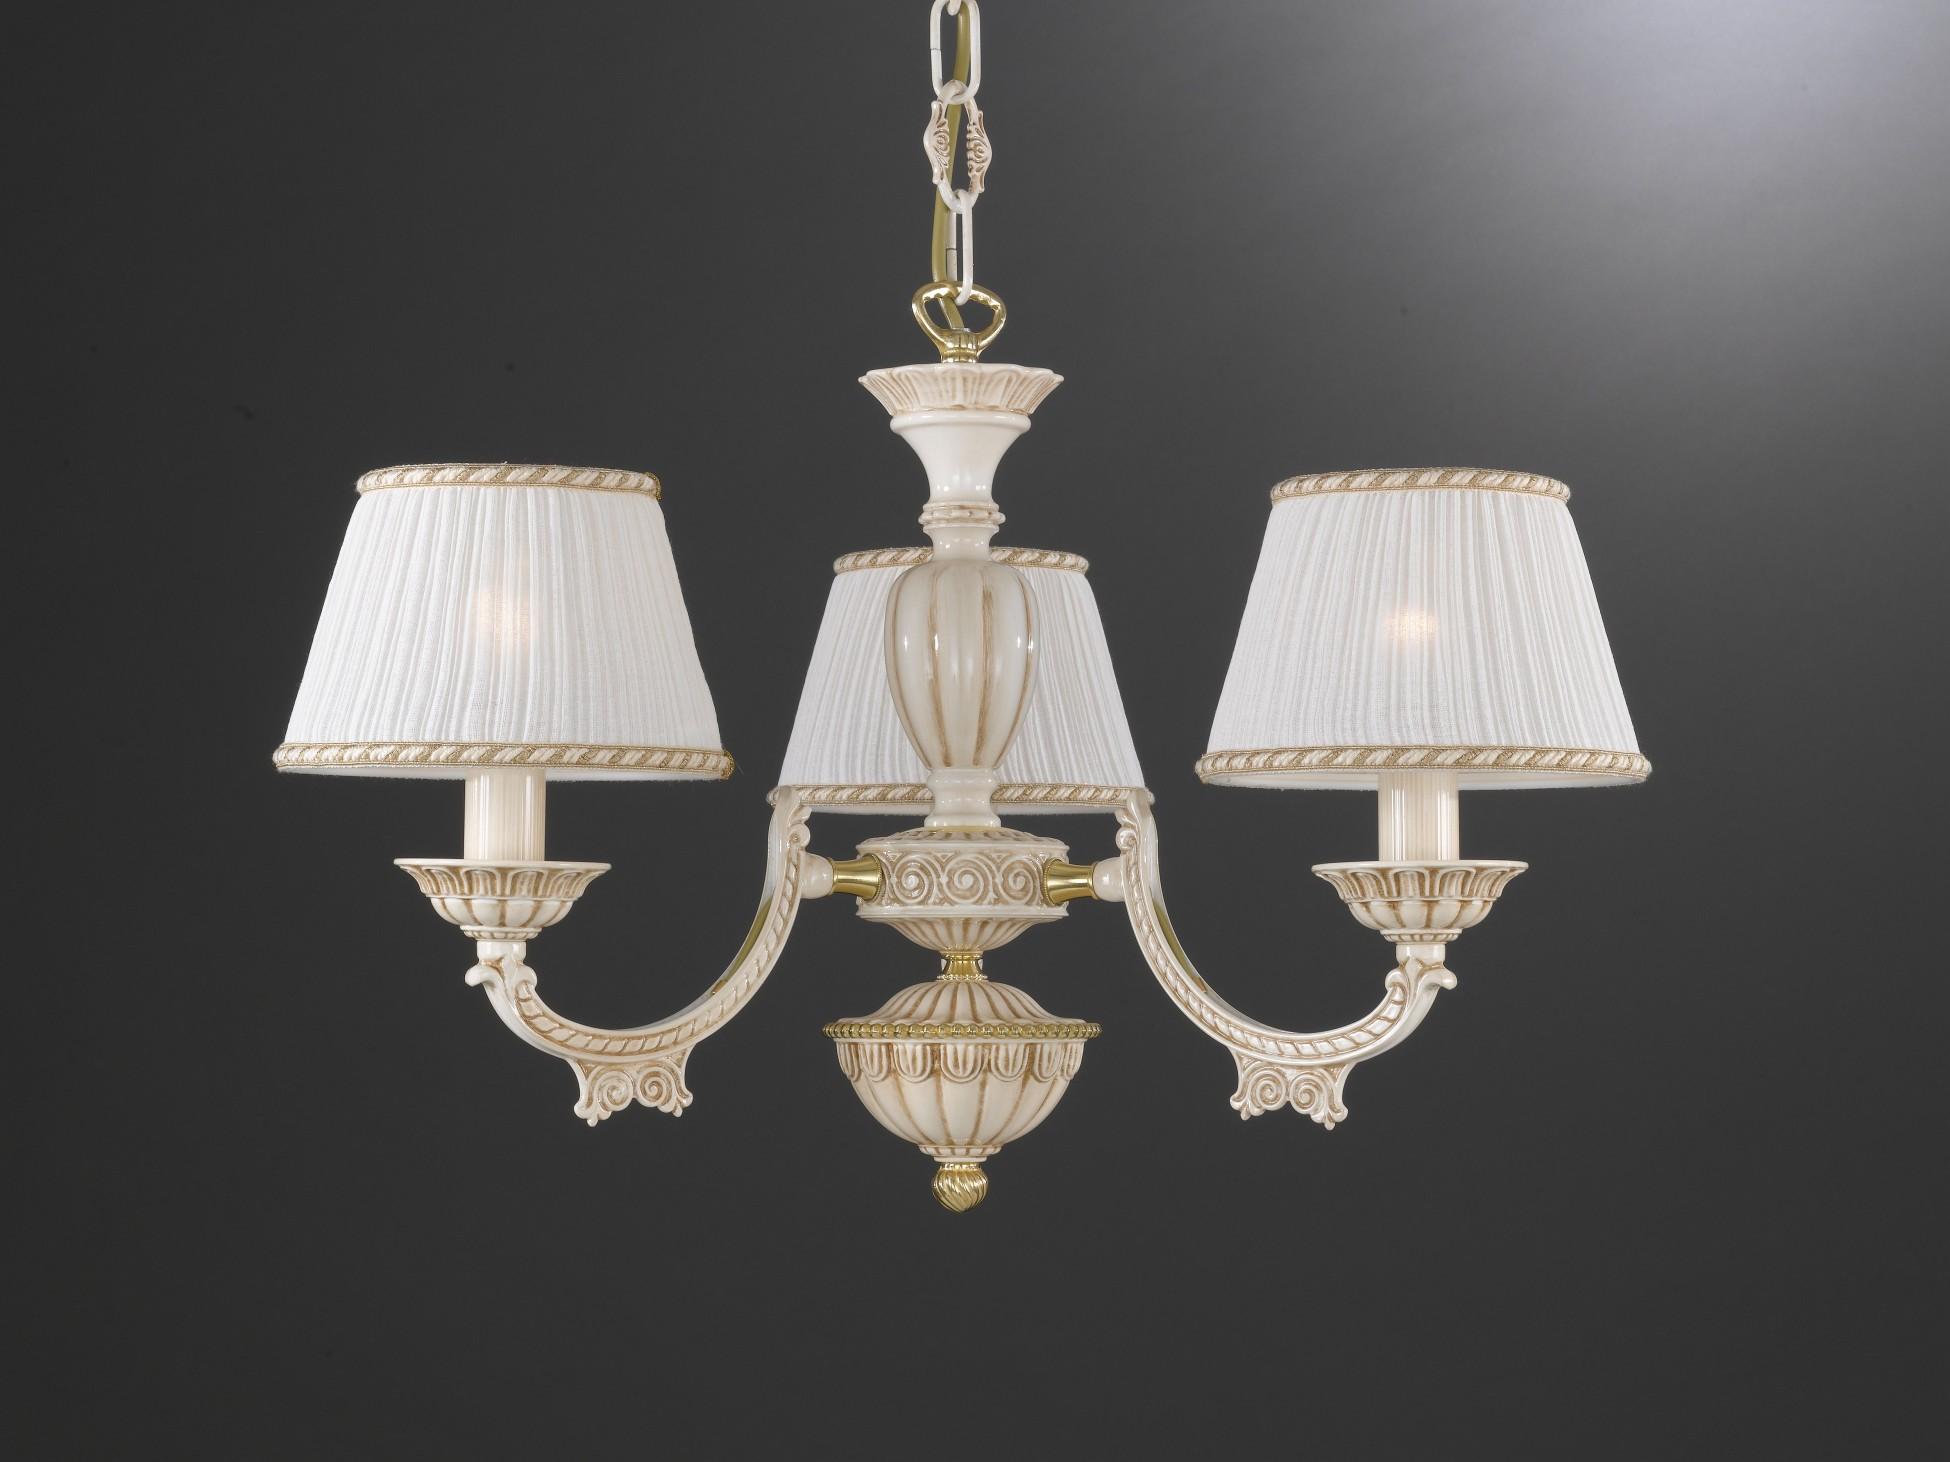 Lampadario in ottone bianco antico con paralumi a 3 luci reccagni